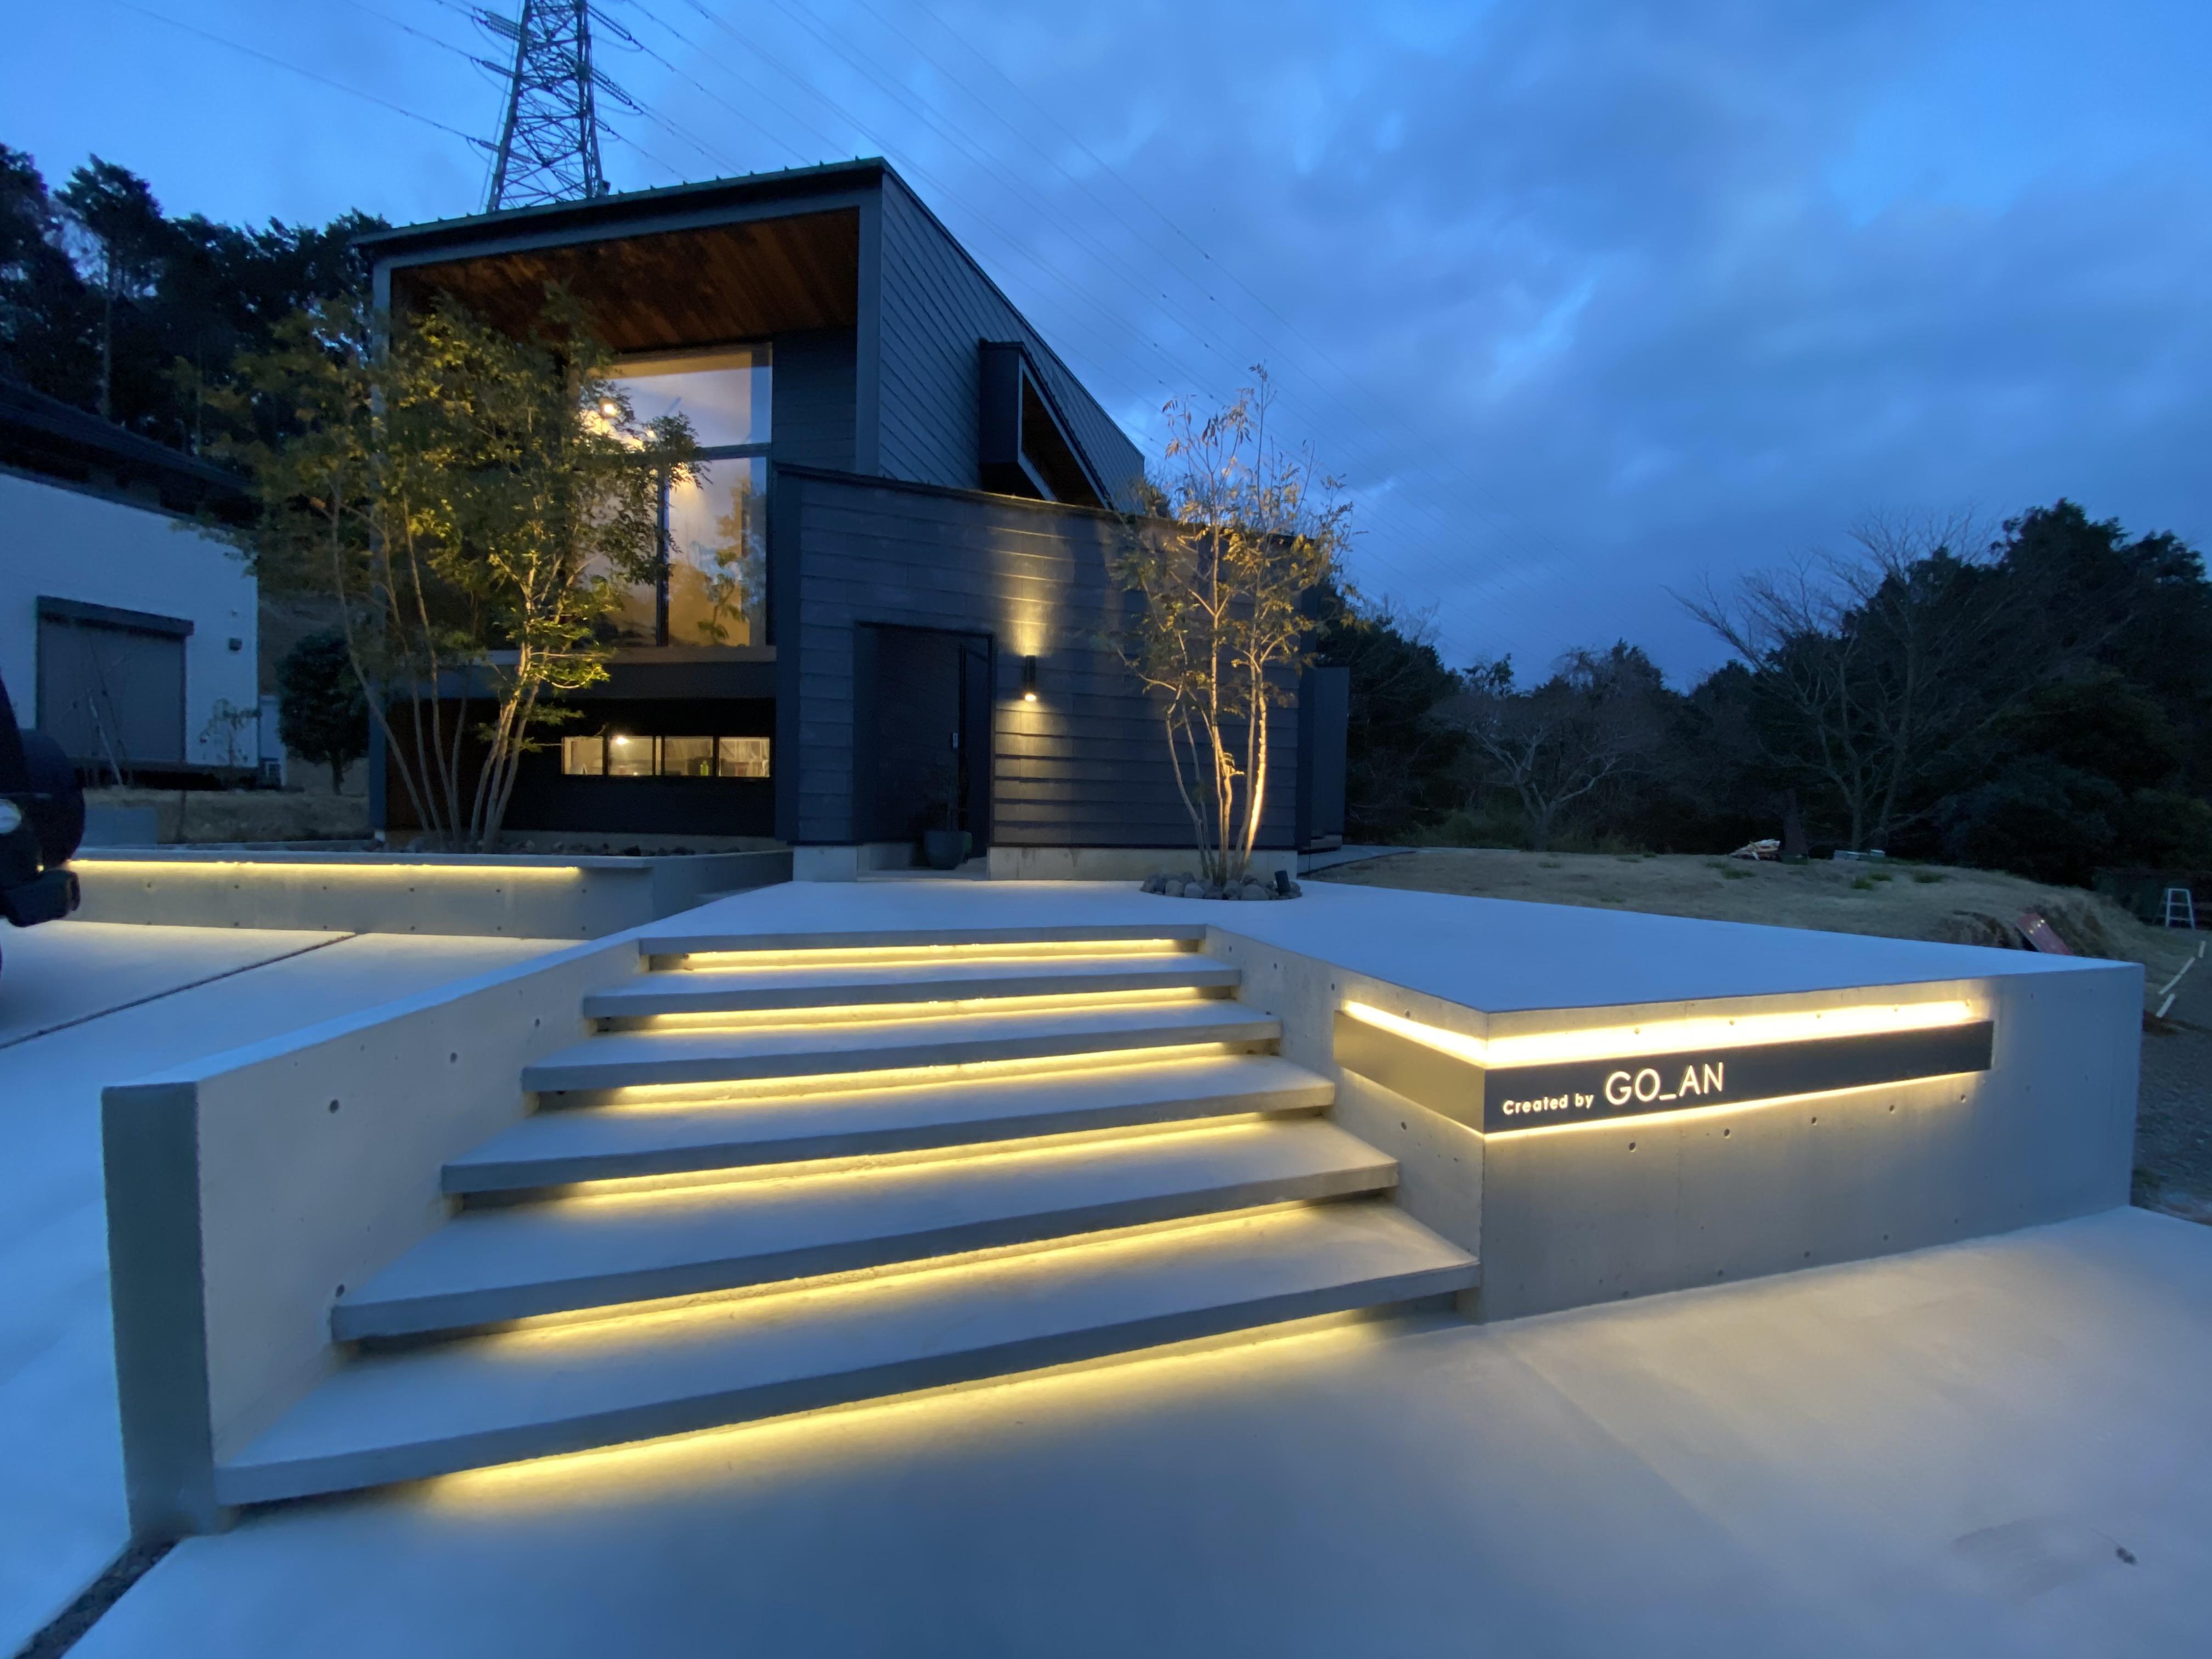 一級建築士事務所GO_AN (ゴアン)【駿東郡長泉町・オープンハウス】間接照明が美しいモデルハウスへのアプローチ。「GO_AN」では外構まで含めたトータルなプランニングが可能